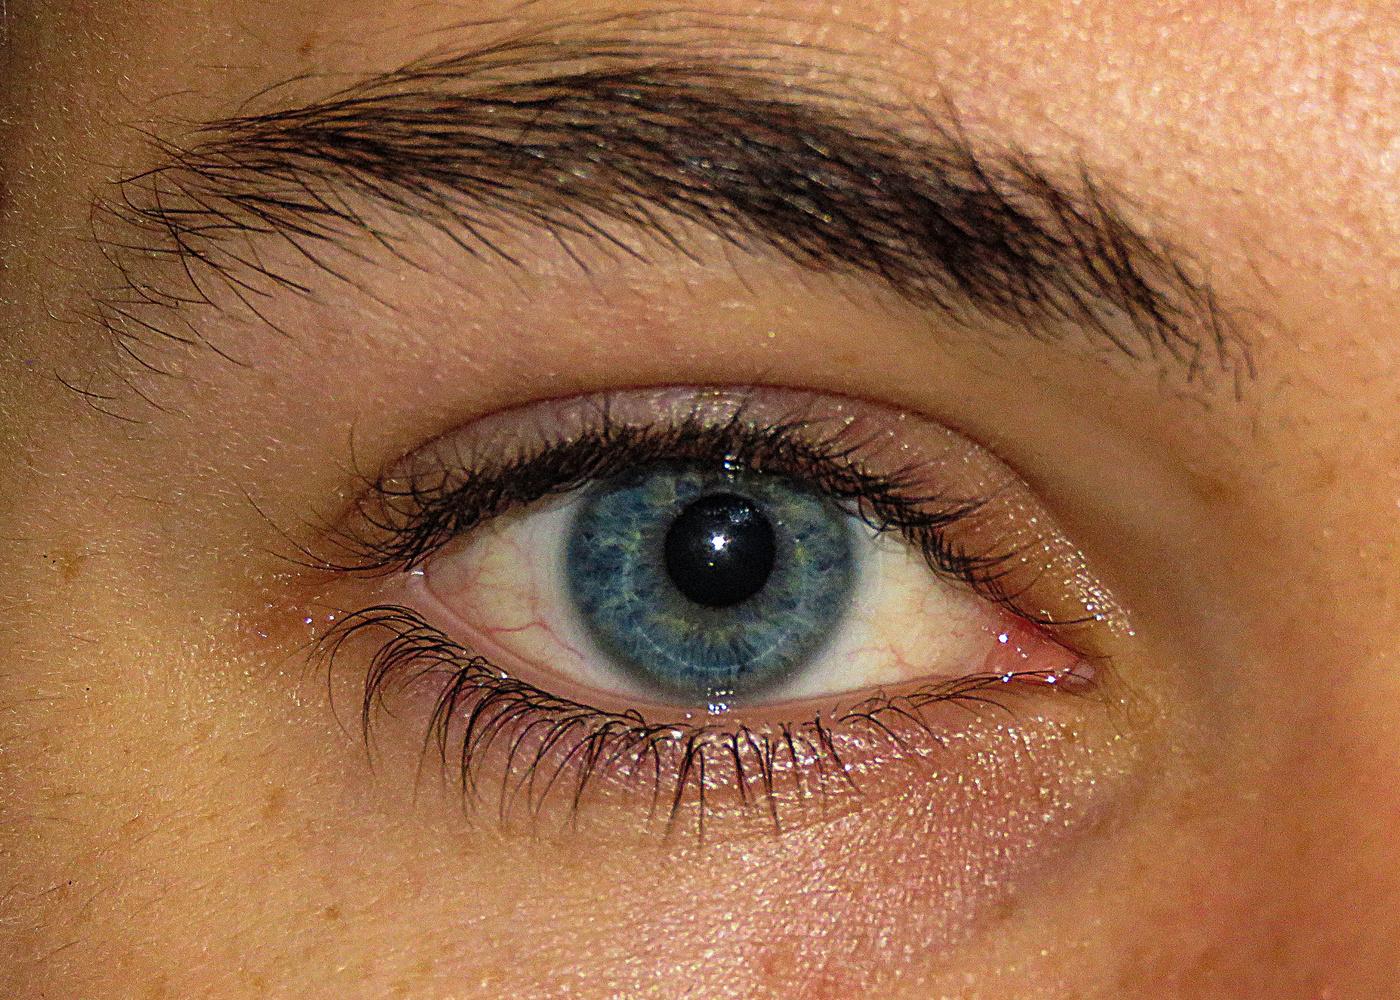 Jake's Eye by Kelsie Underwood